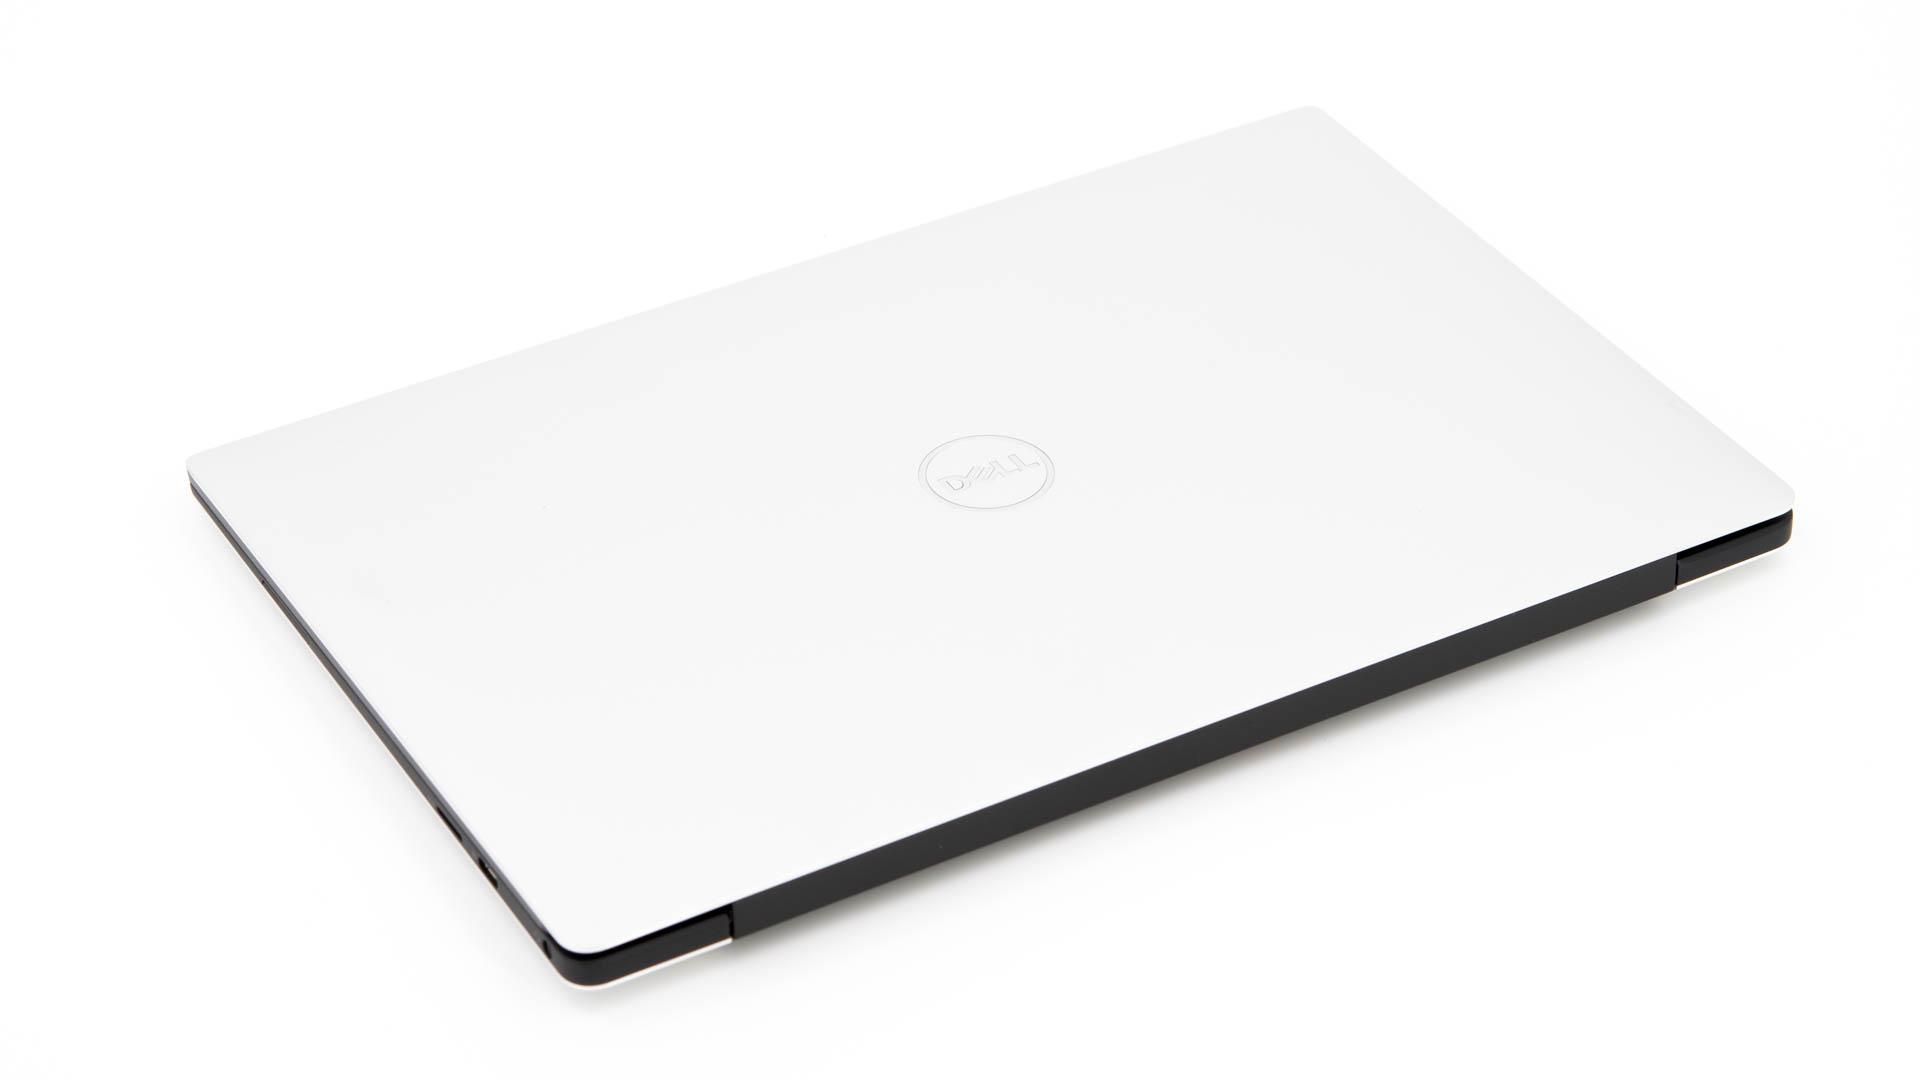 Nett Dell Laptop Netzteil Schema Zeitgenössisch - Der Schaltplan ...